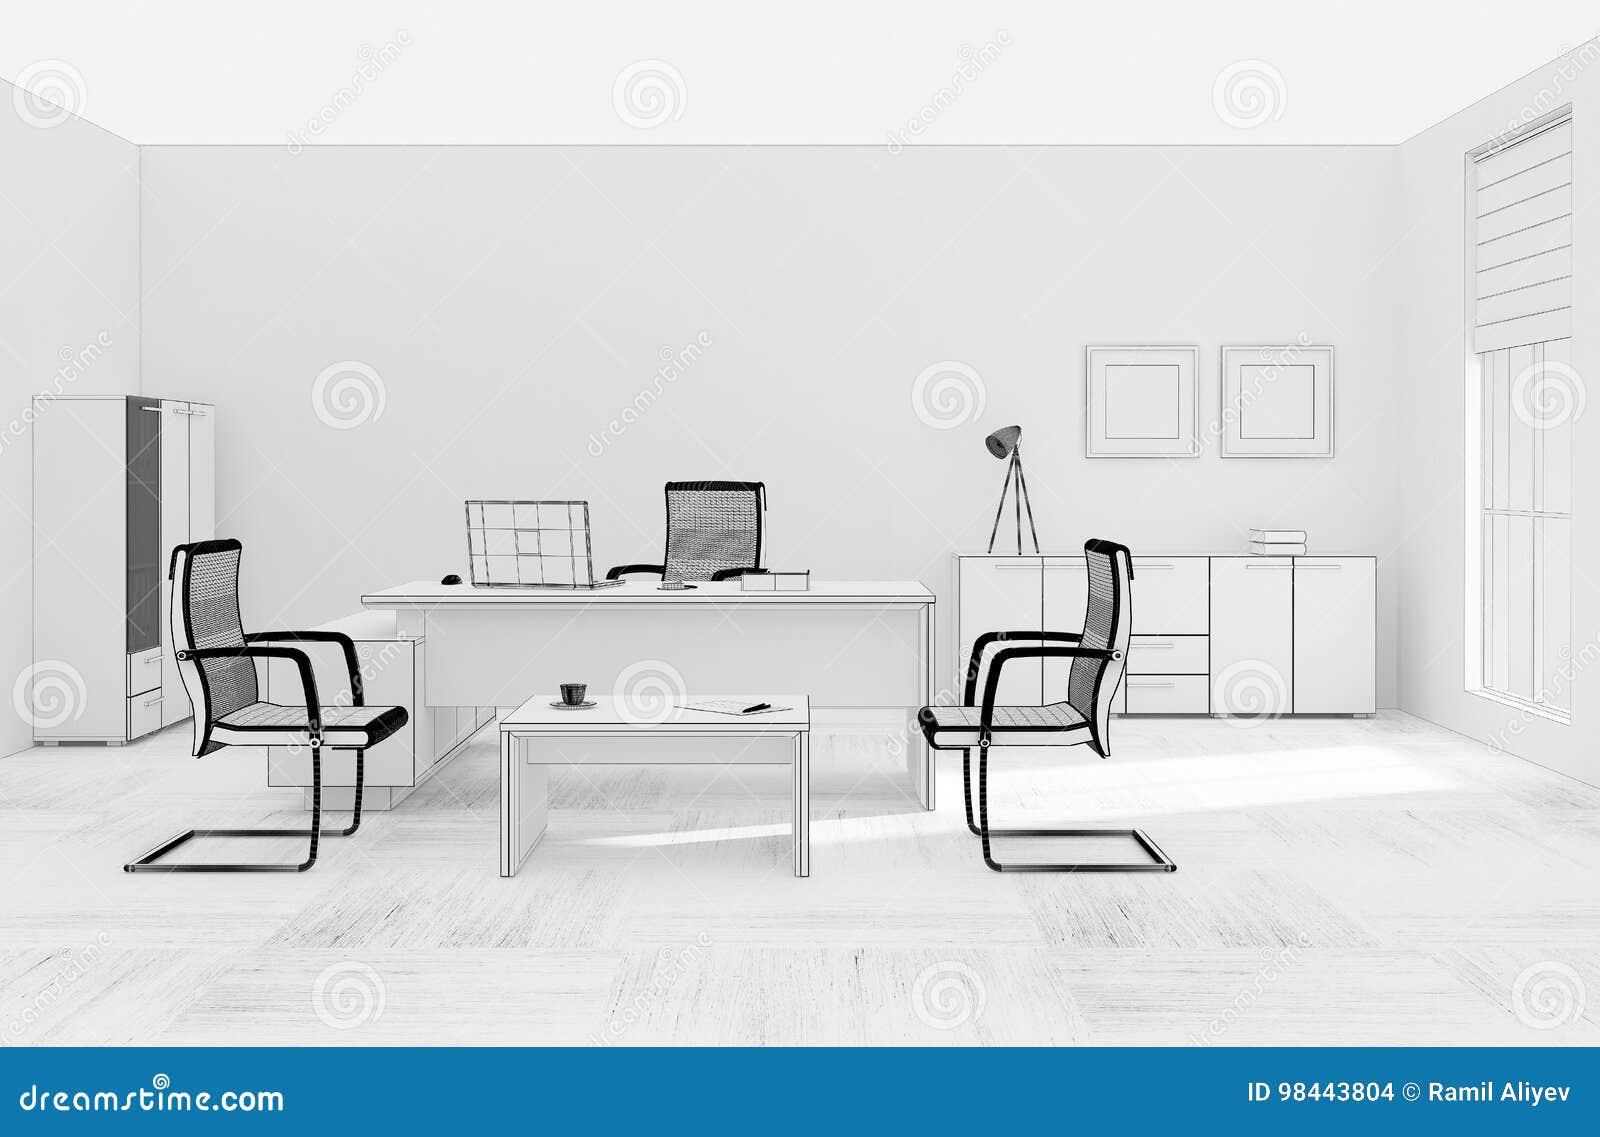 Único Muebles De Rejilla Benchshoe Embellecimiento - Muebles Para ...